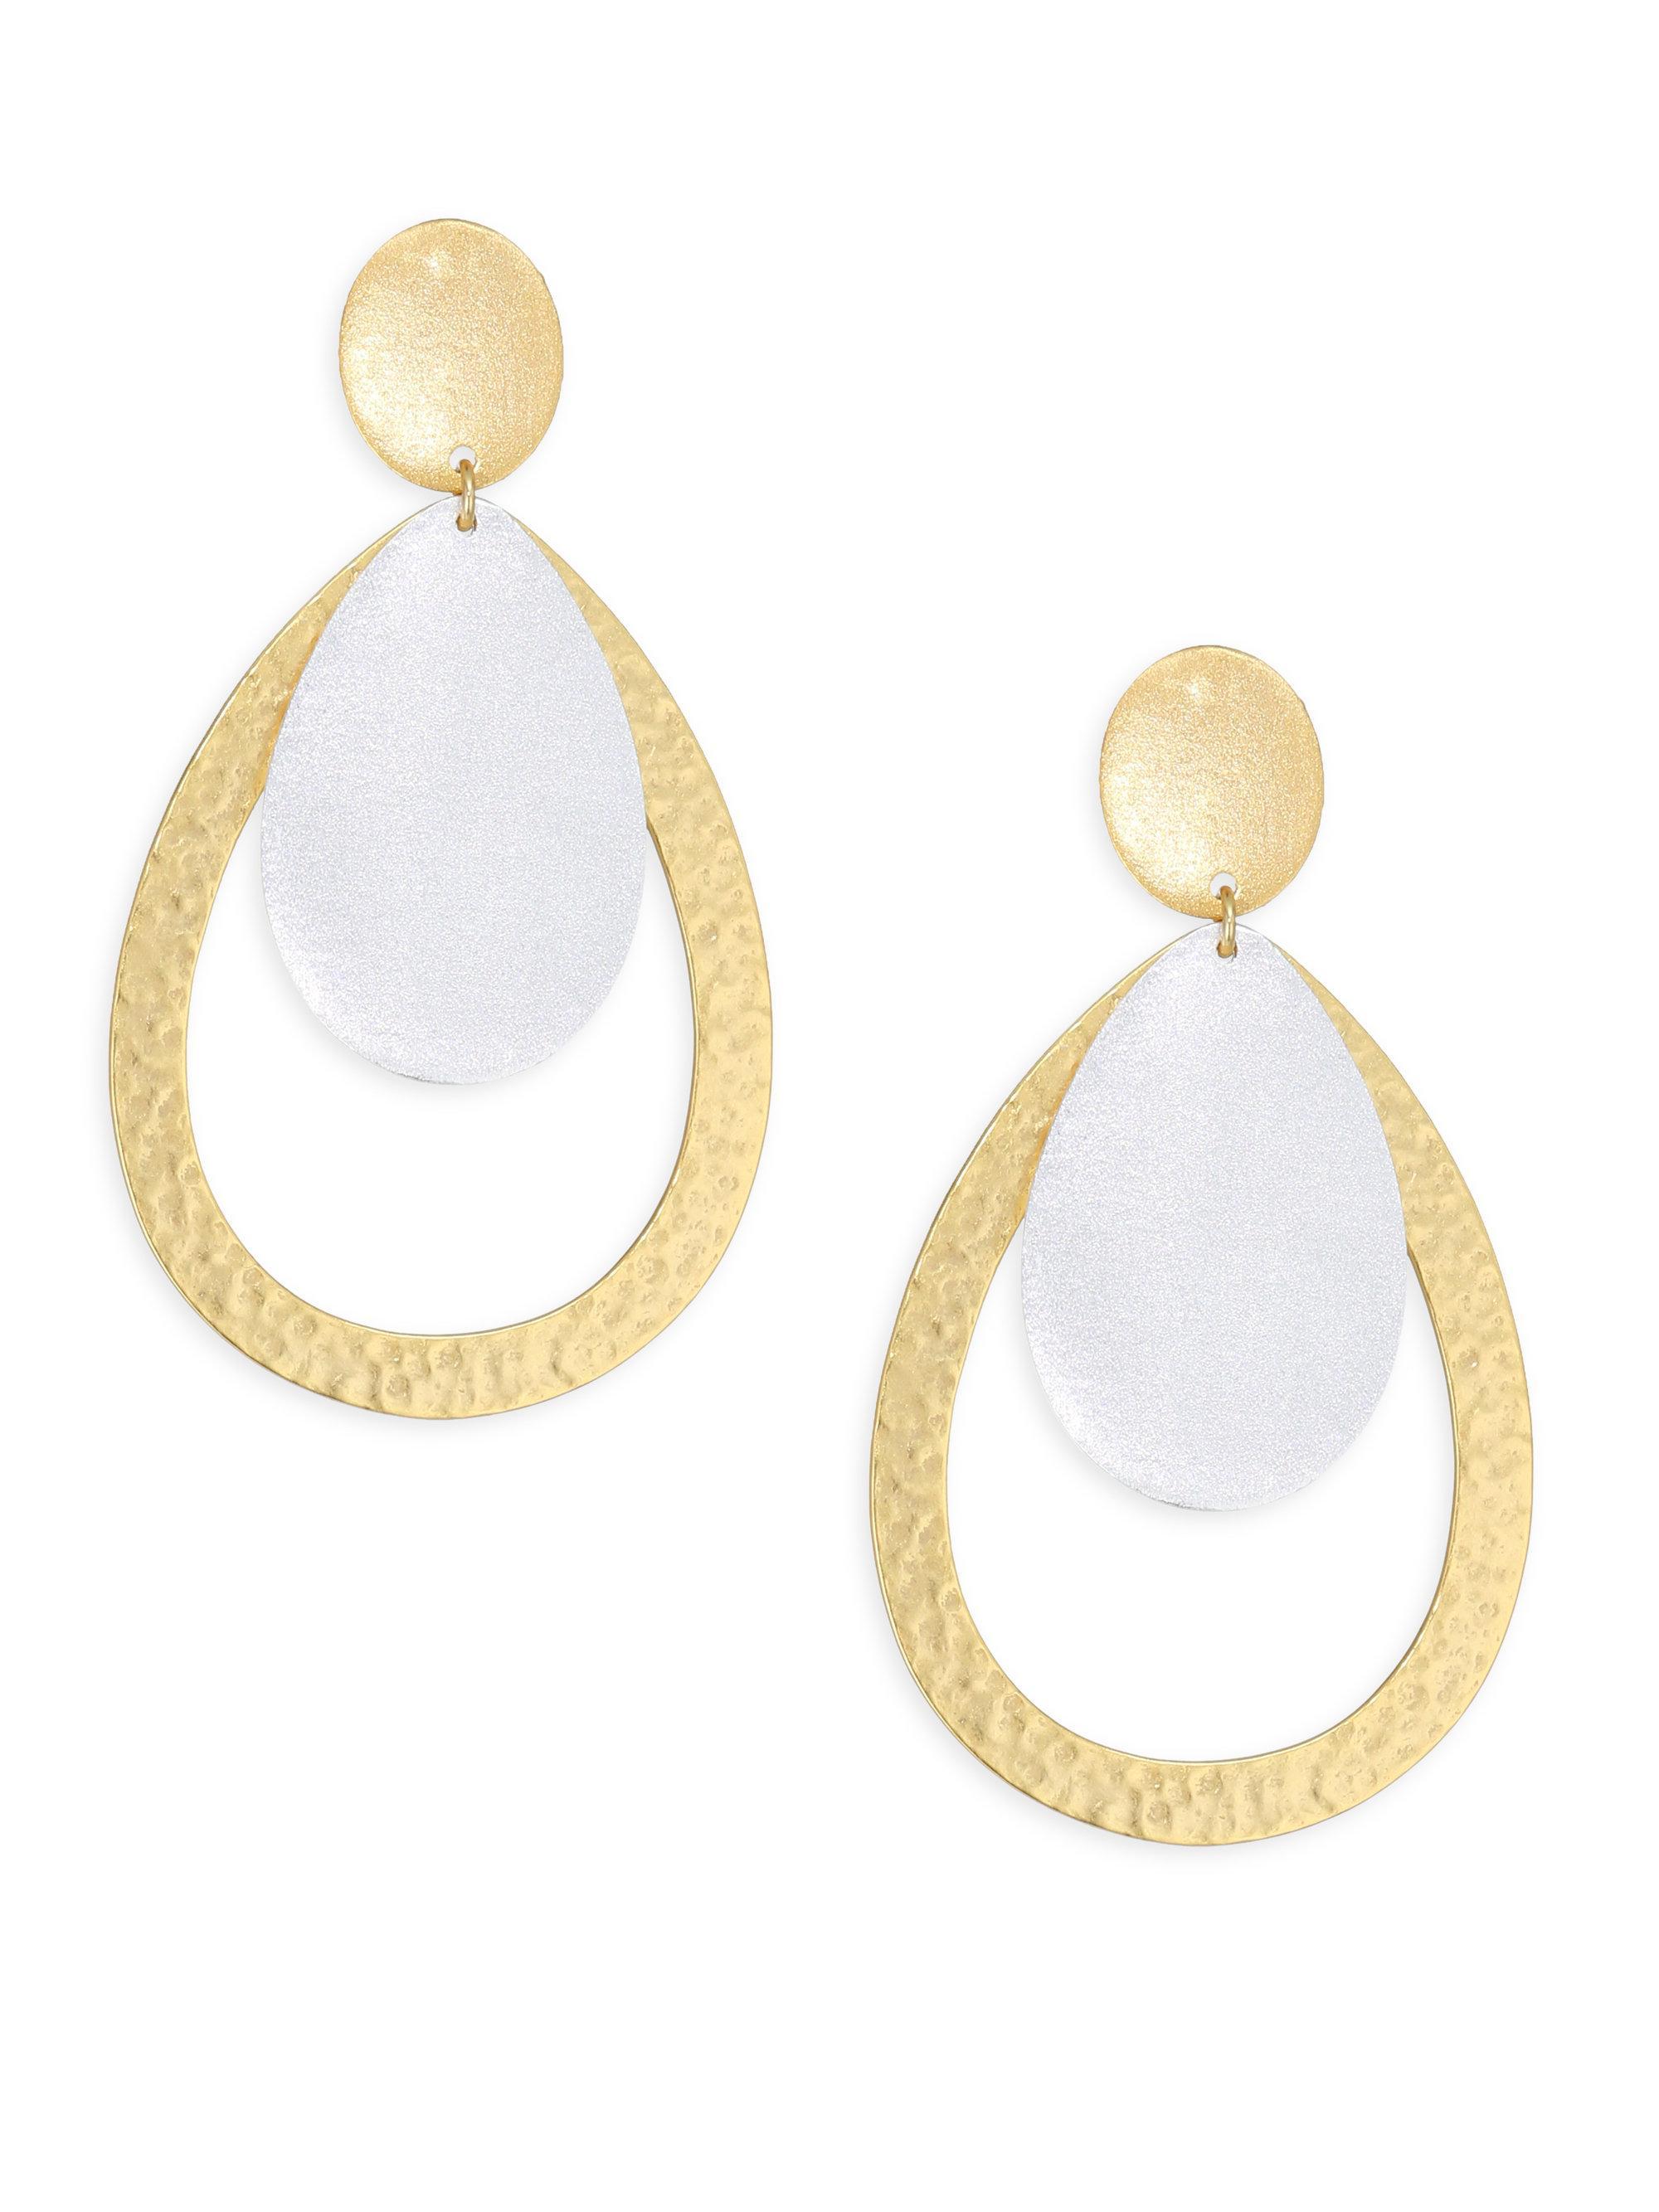 Stephanie Kantis Relic Linear Segment Earrings TWstm22Mn